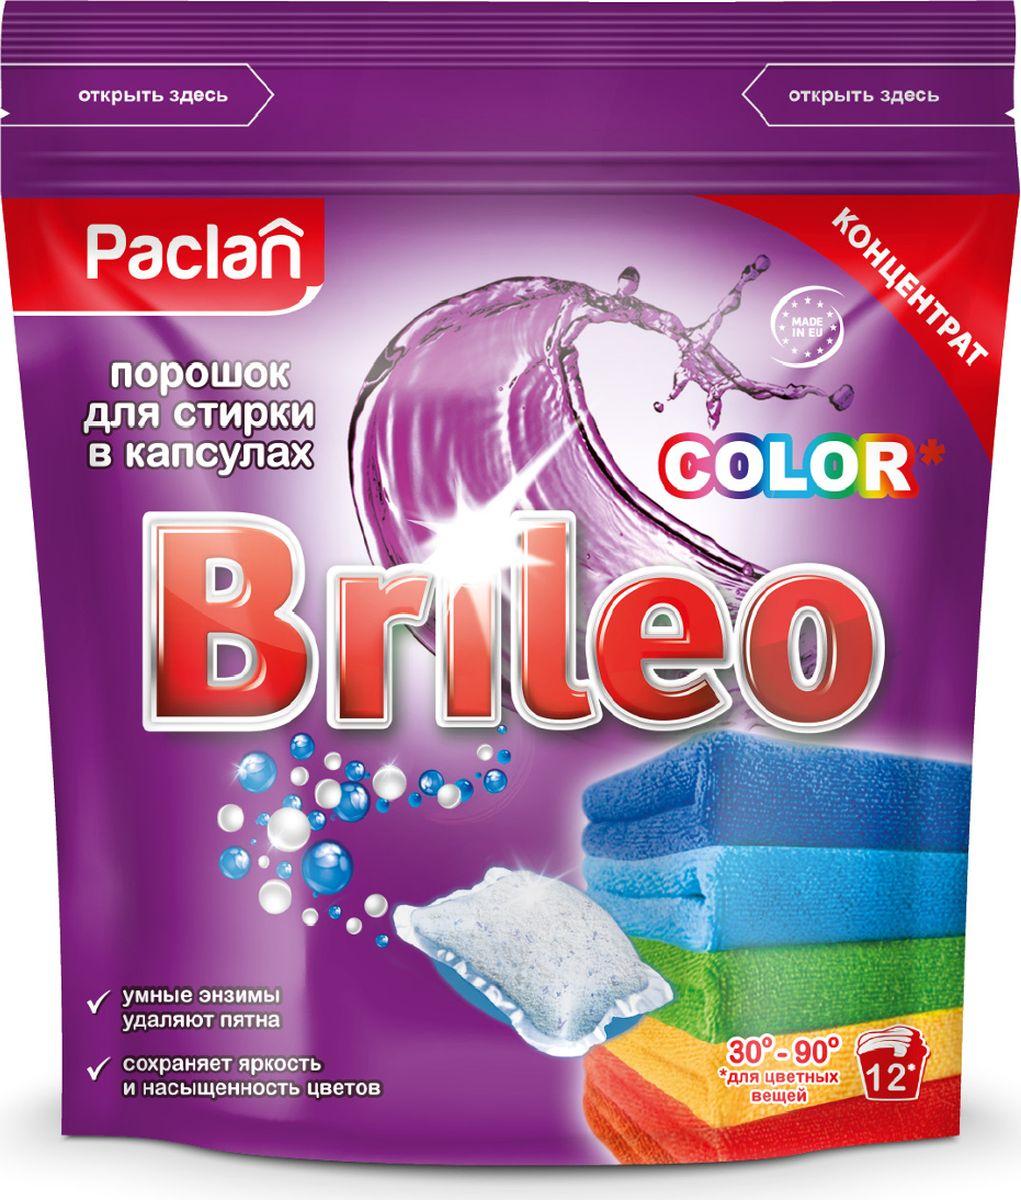 Порошок стиральный Paclan Color, для цветного белья, концентрат, в капсулах, 12 шт440120Пять энзимов в составе инновационной формулы отлично отстирывают загрязнения. Кислородный отбеливатель придает кристальную белизну. Пятновыводитель эффективно удаляет любые пятна. Отлично отстирывает даже при 30°С. Придает вещам приятный аромат.